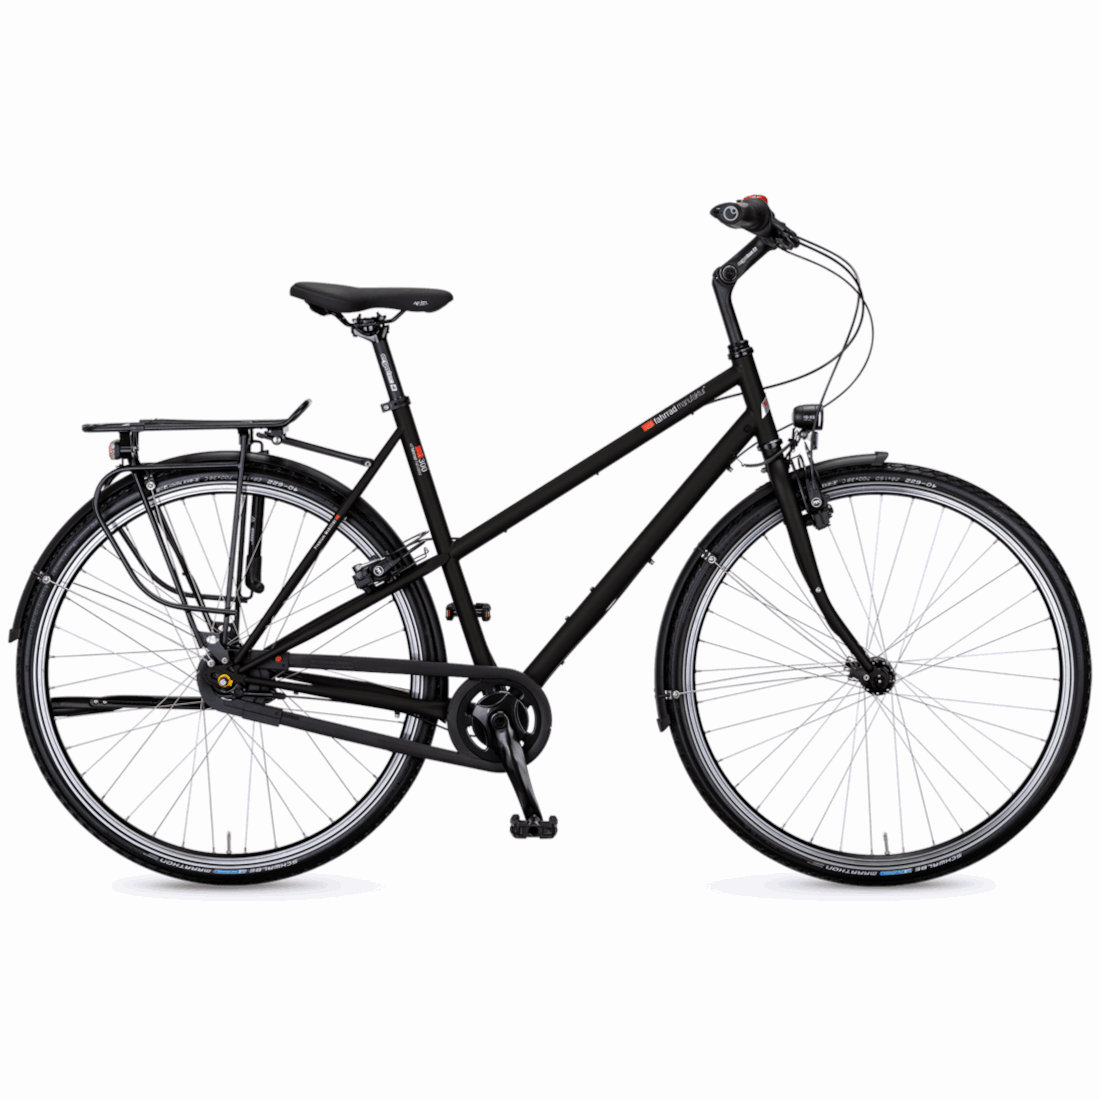 vsf fahrradmanufaktur T-300 HS22 Nexus - Women Trekking Bike - 2022 - ebony metallic